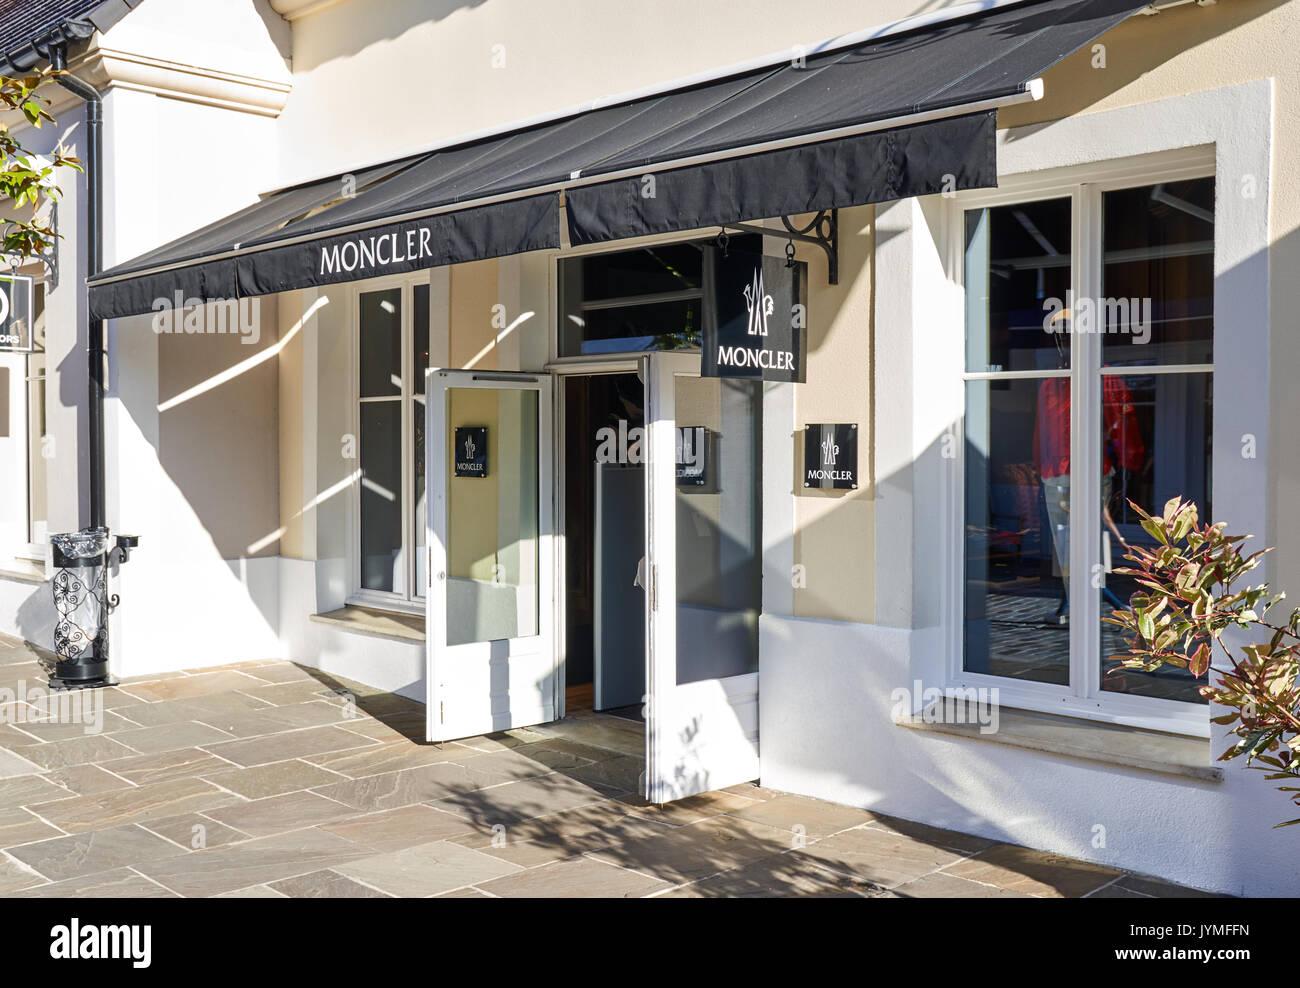 Moncler shop in Paris, France